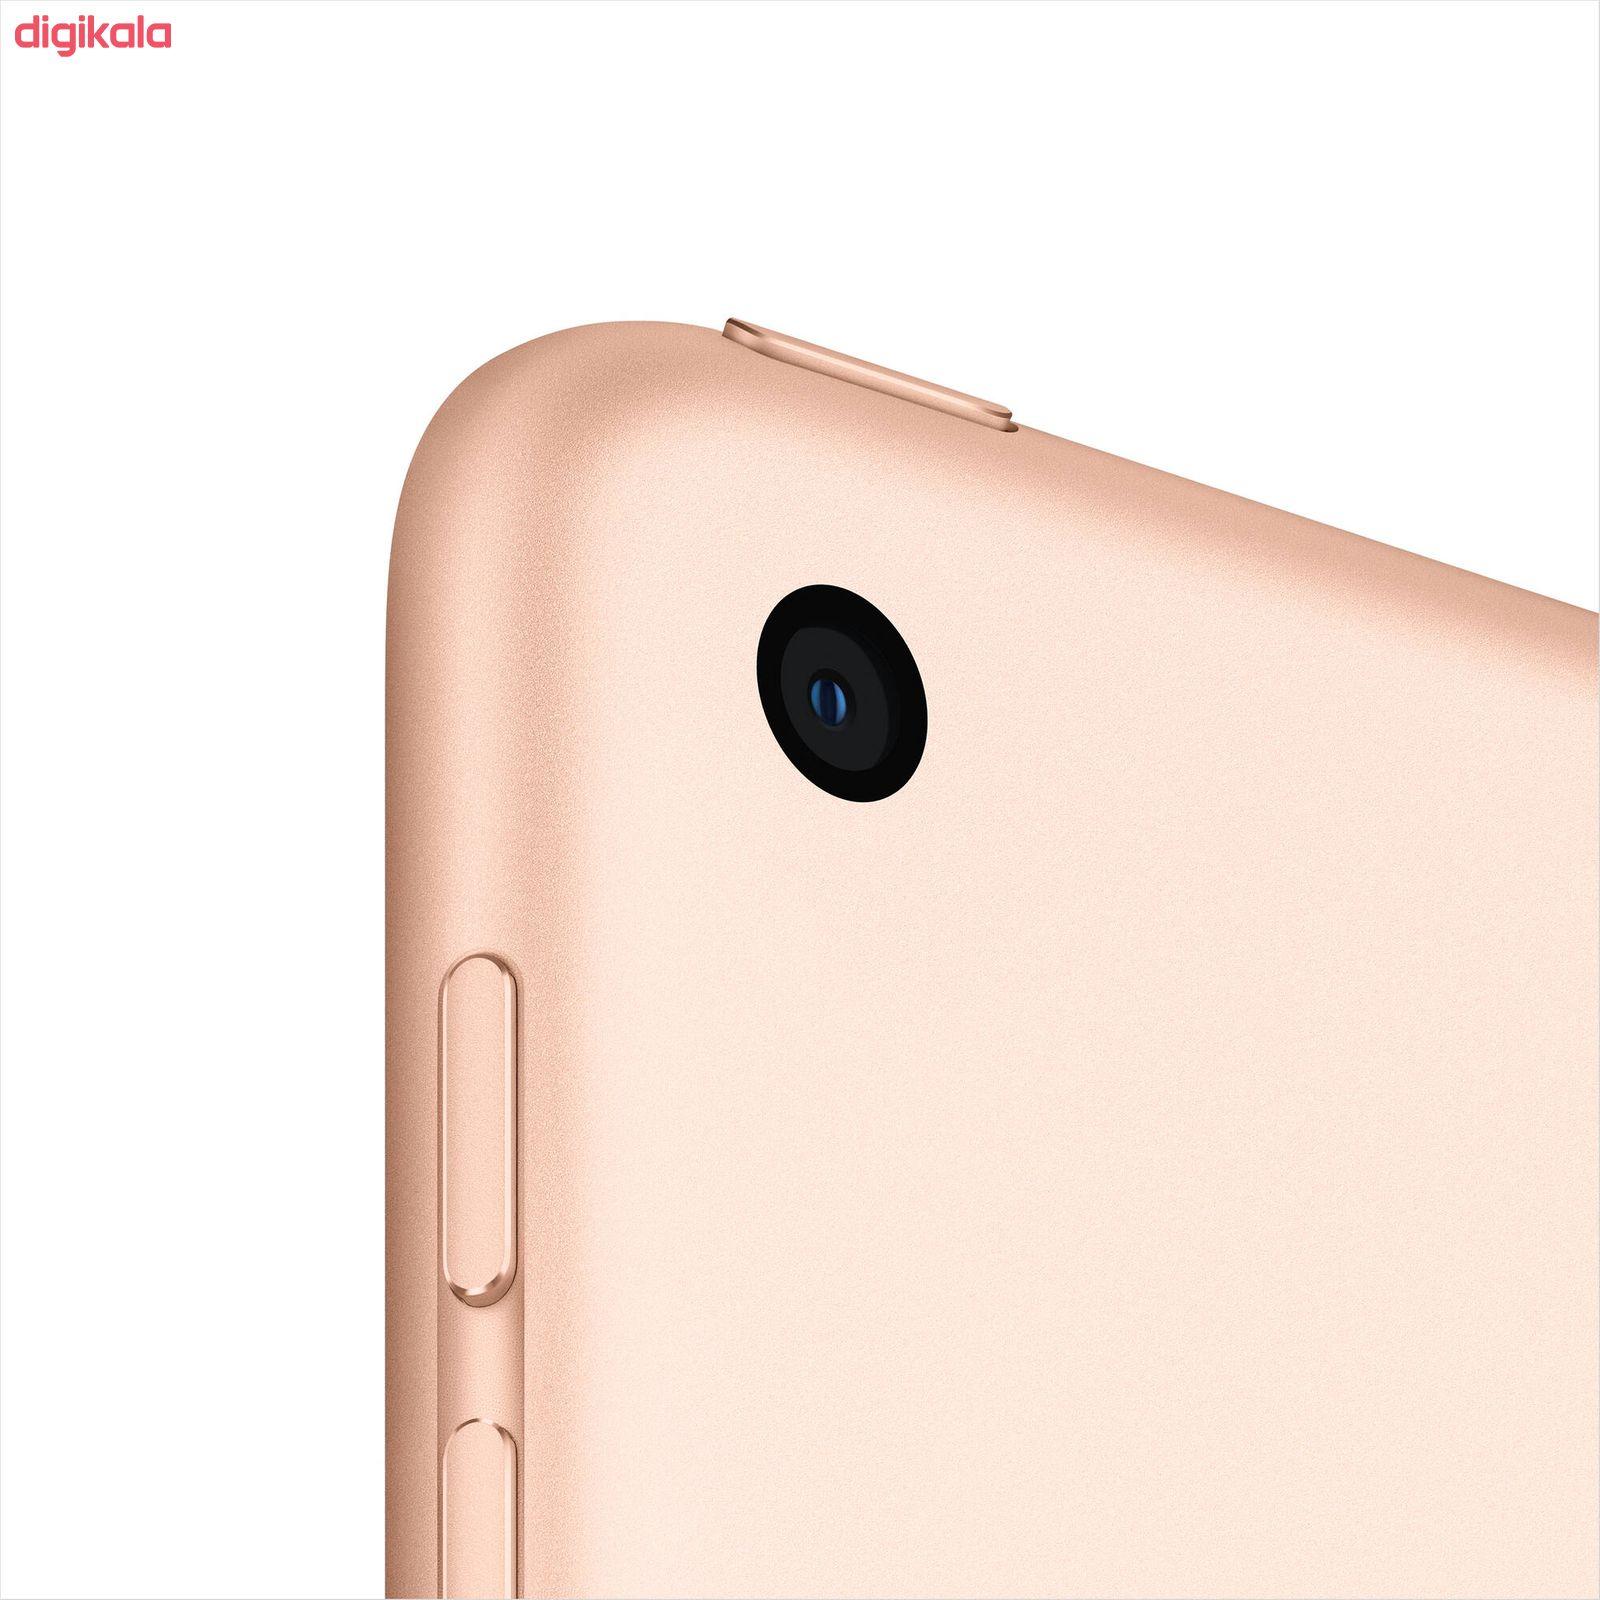 تبلت اپل مدل iPad 10.2 inch 2020 WiFi ظرفیت 32 گیگابایت  main 1 5